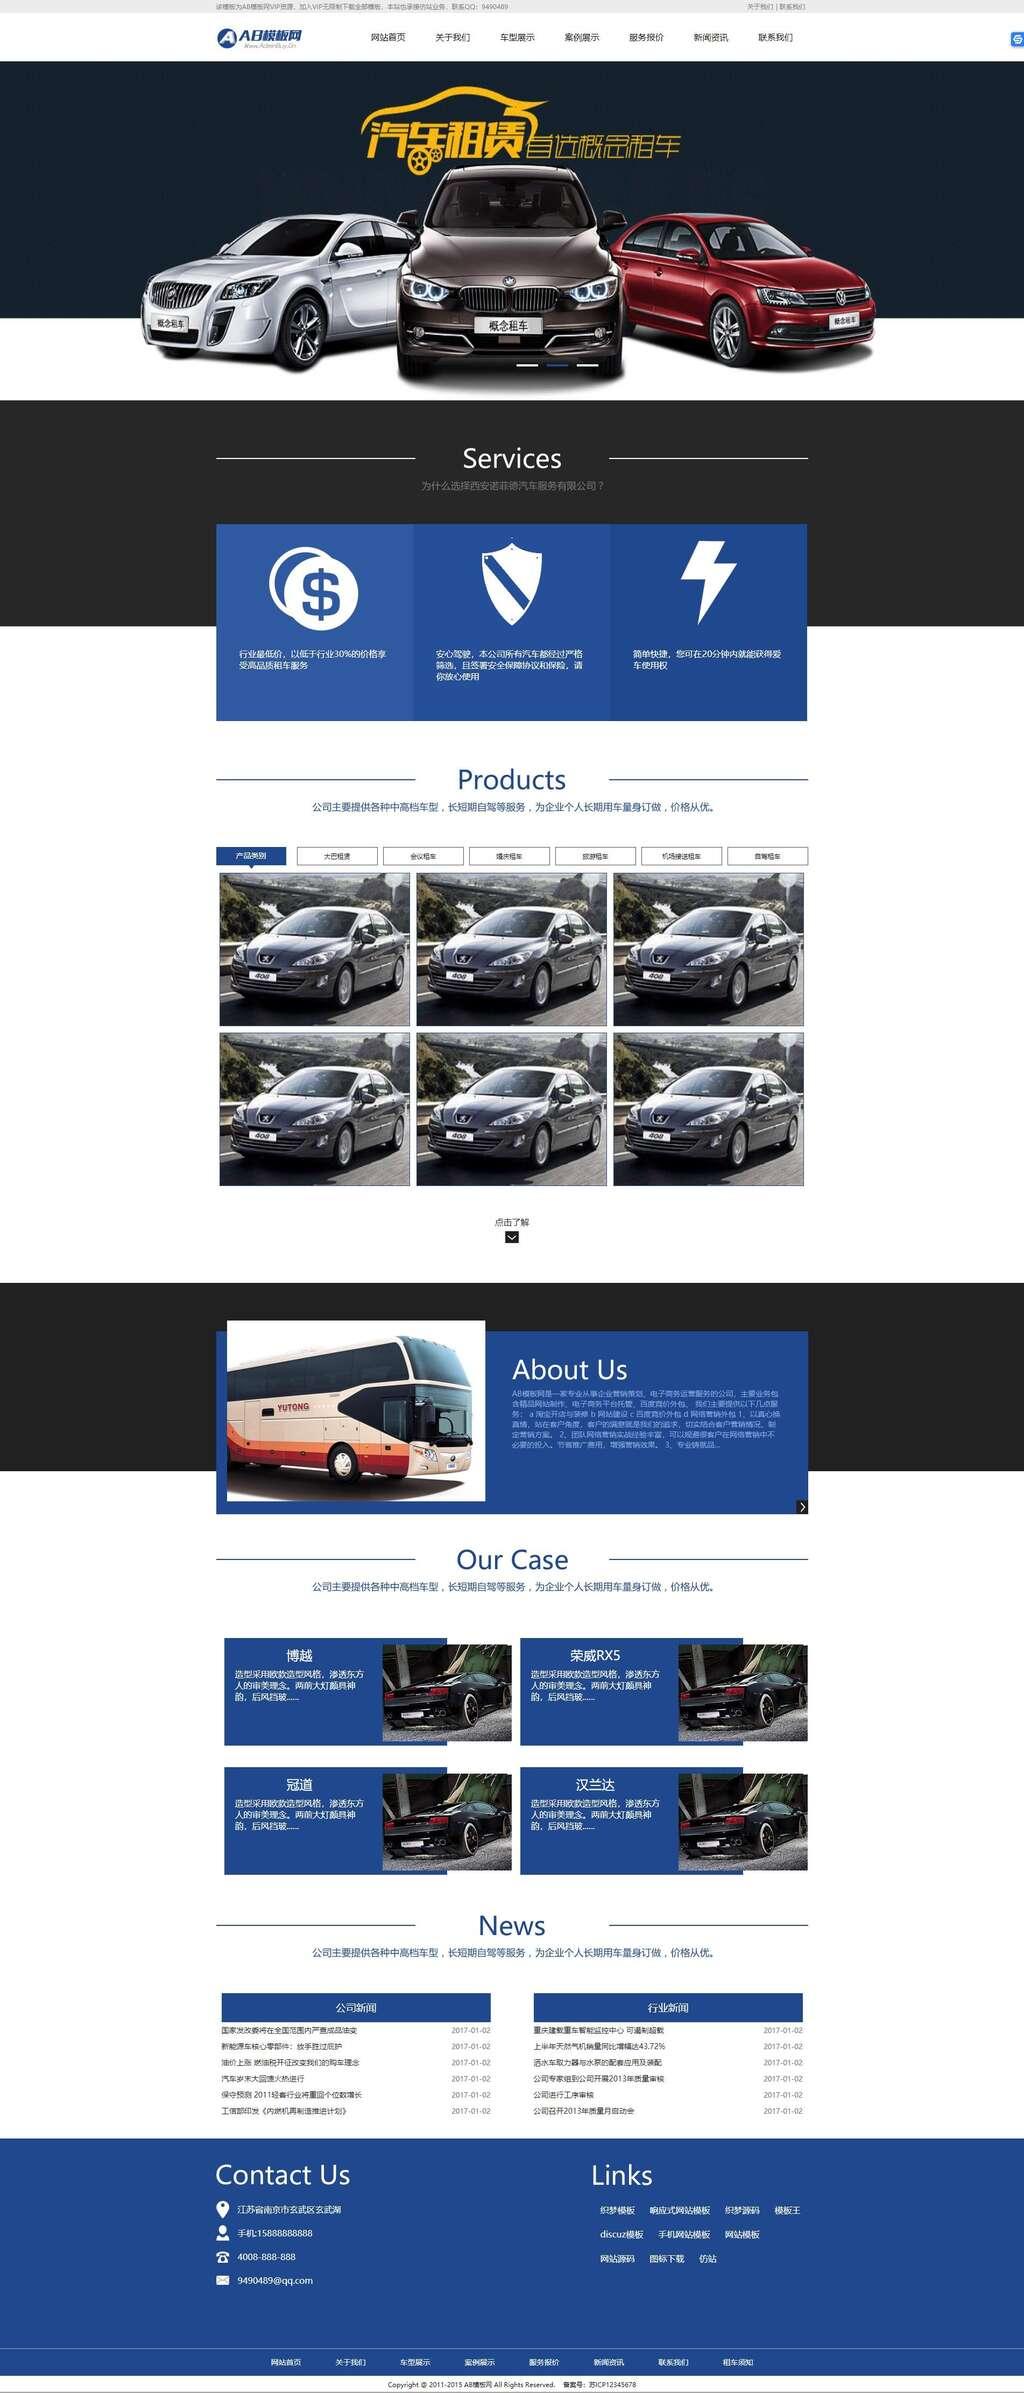 蓝白黑色汽车出租网站源码 织梦dedecms模板[带手机版数据同步]插图